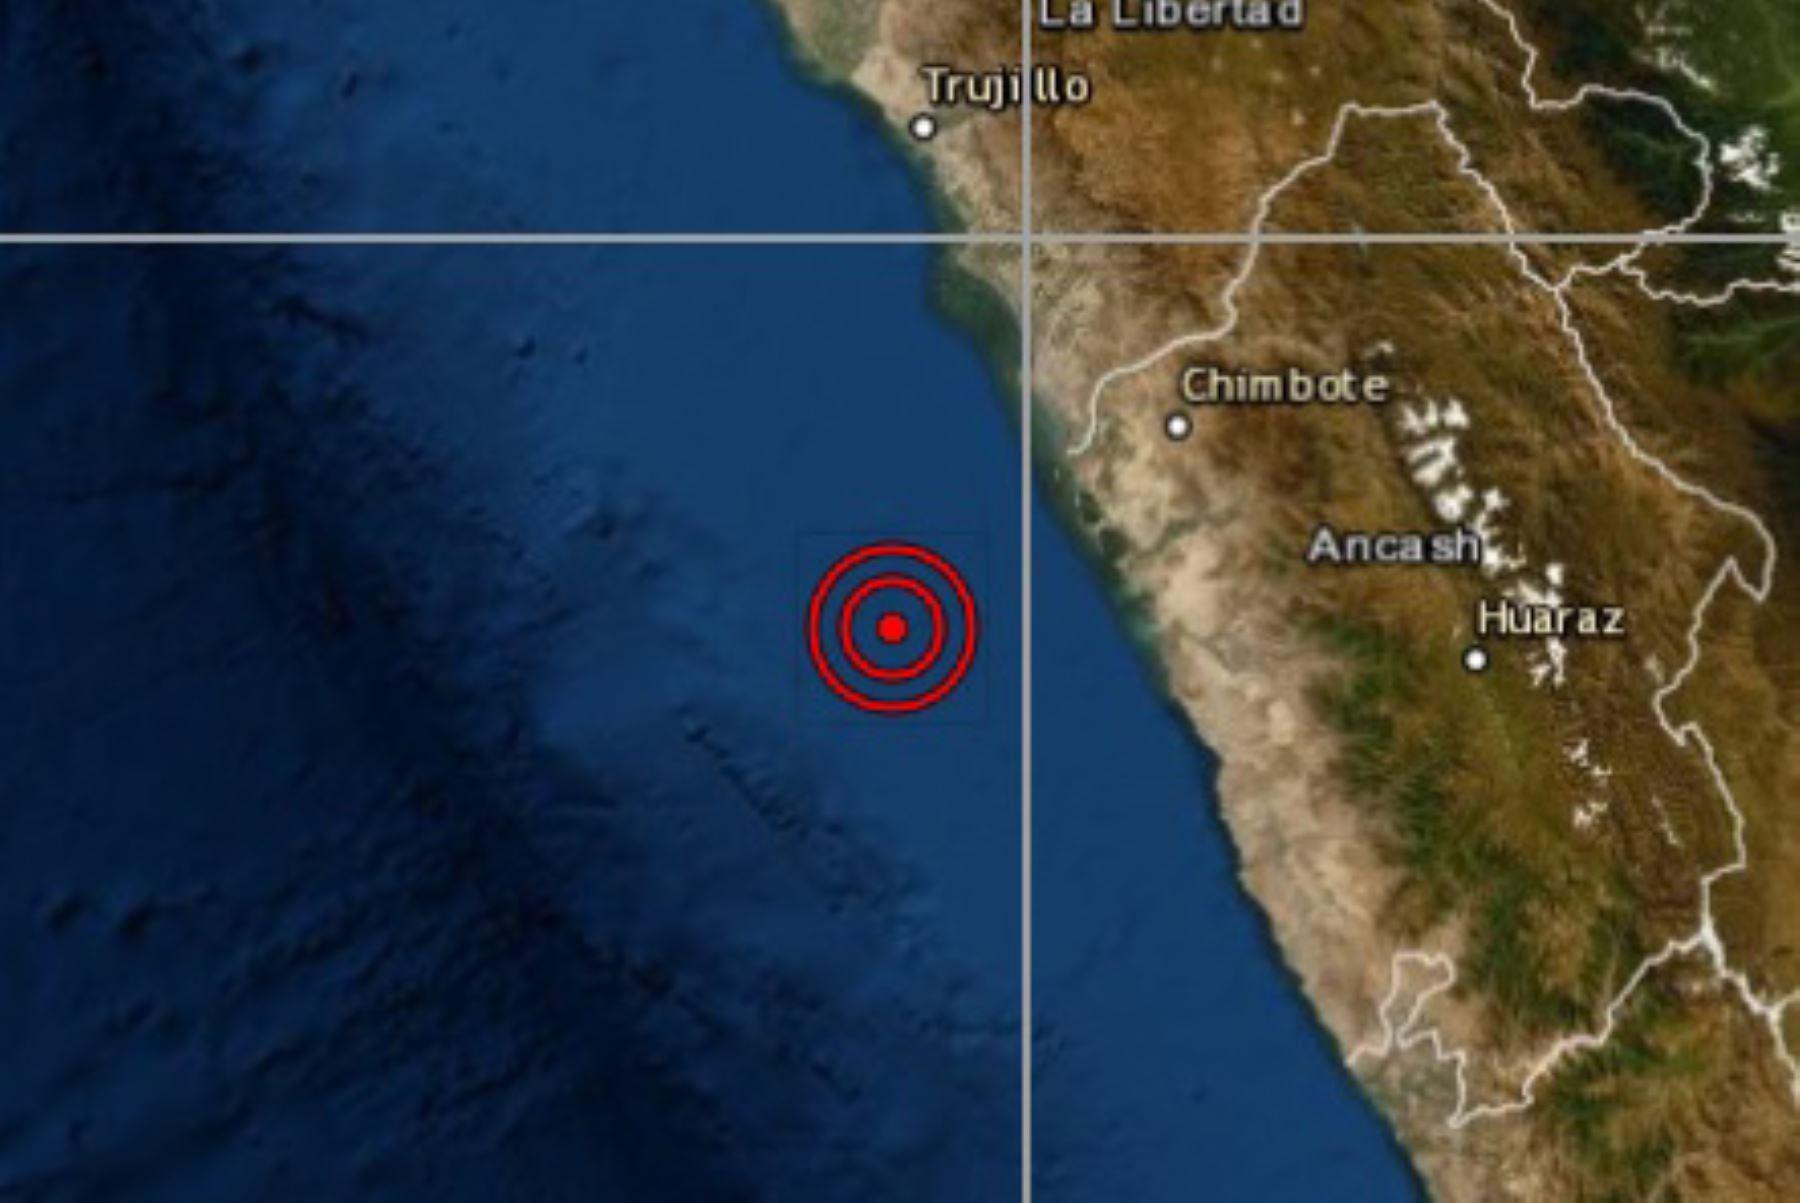 Un temblor de magnitud 4.1 se registró esta madrugada en la provincia del Santa Huaura, región Áncash, informó el Instituto Geofísico del Perú (IGP).